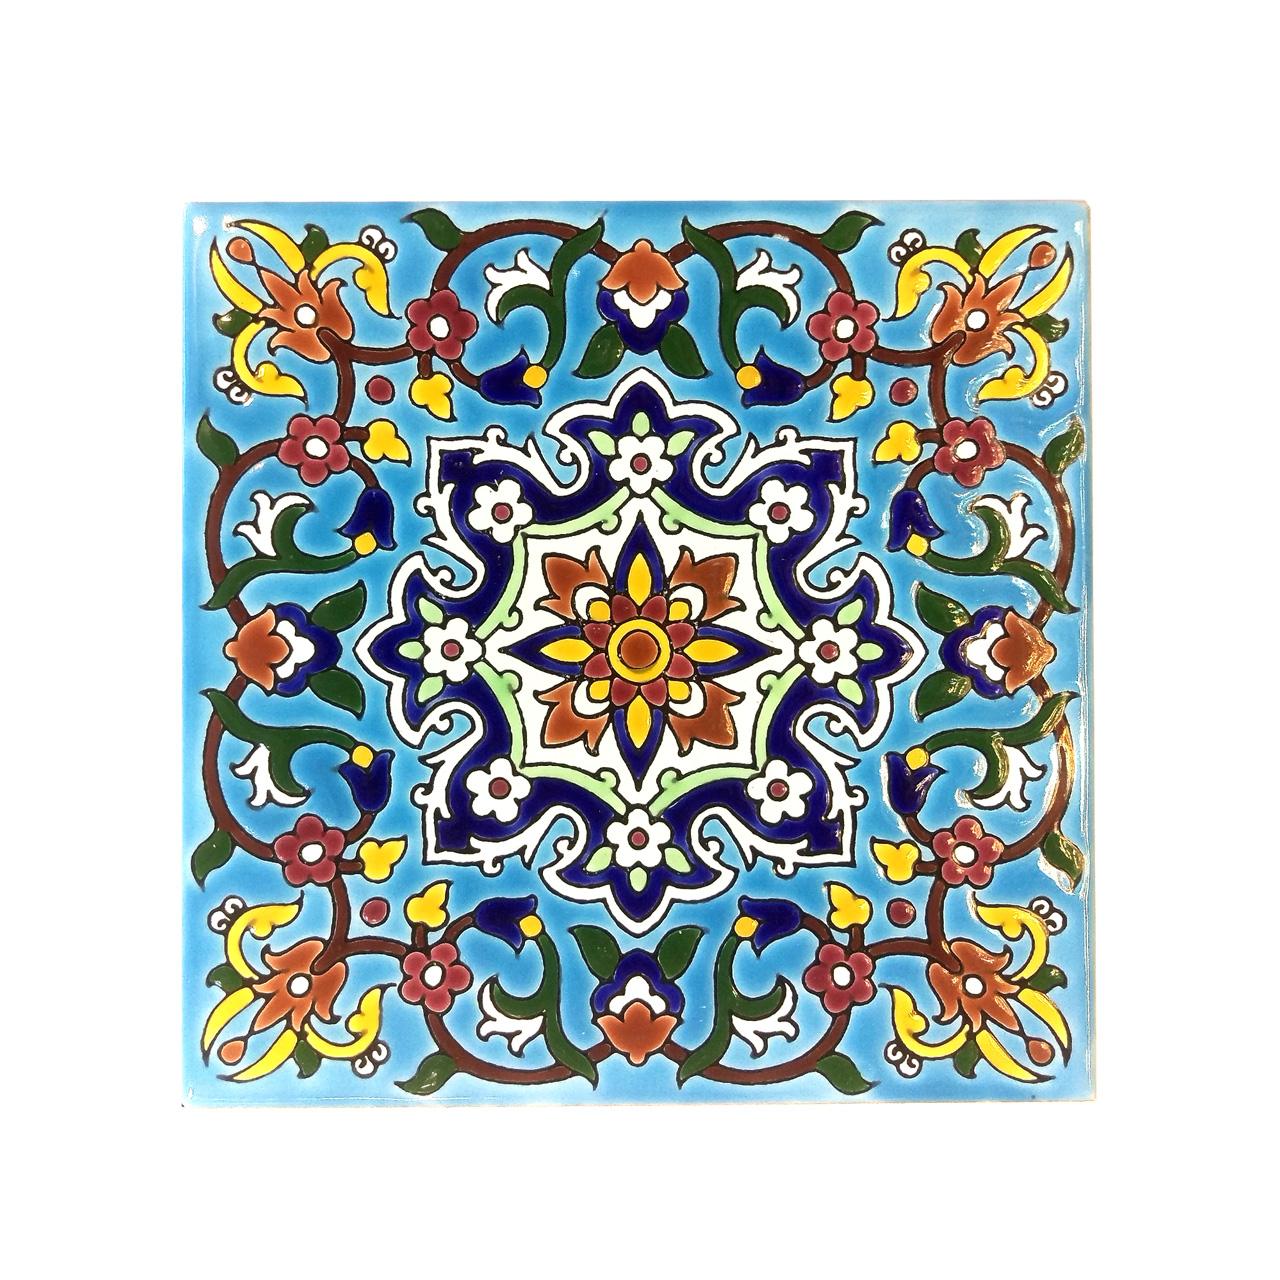 کاشی لعابدار لوح هنر کد 482